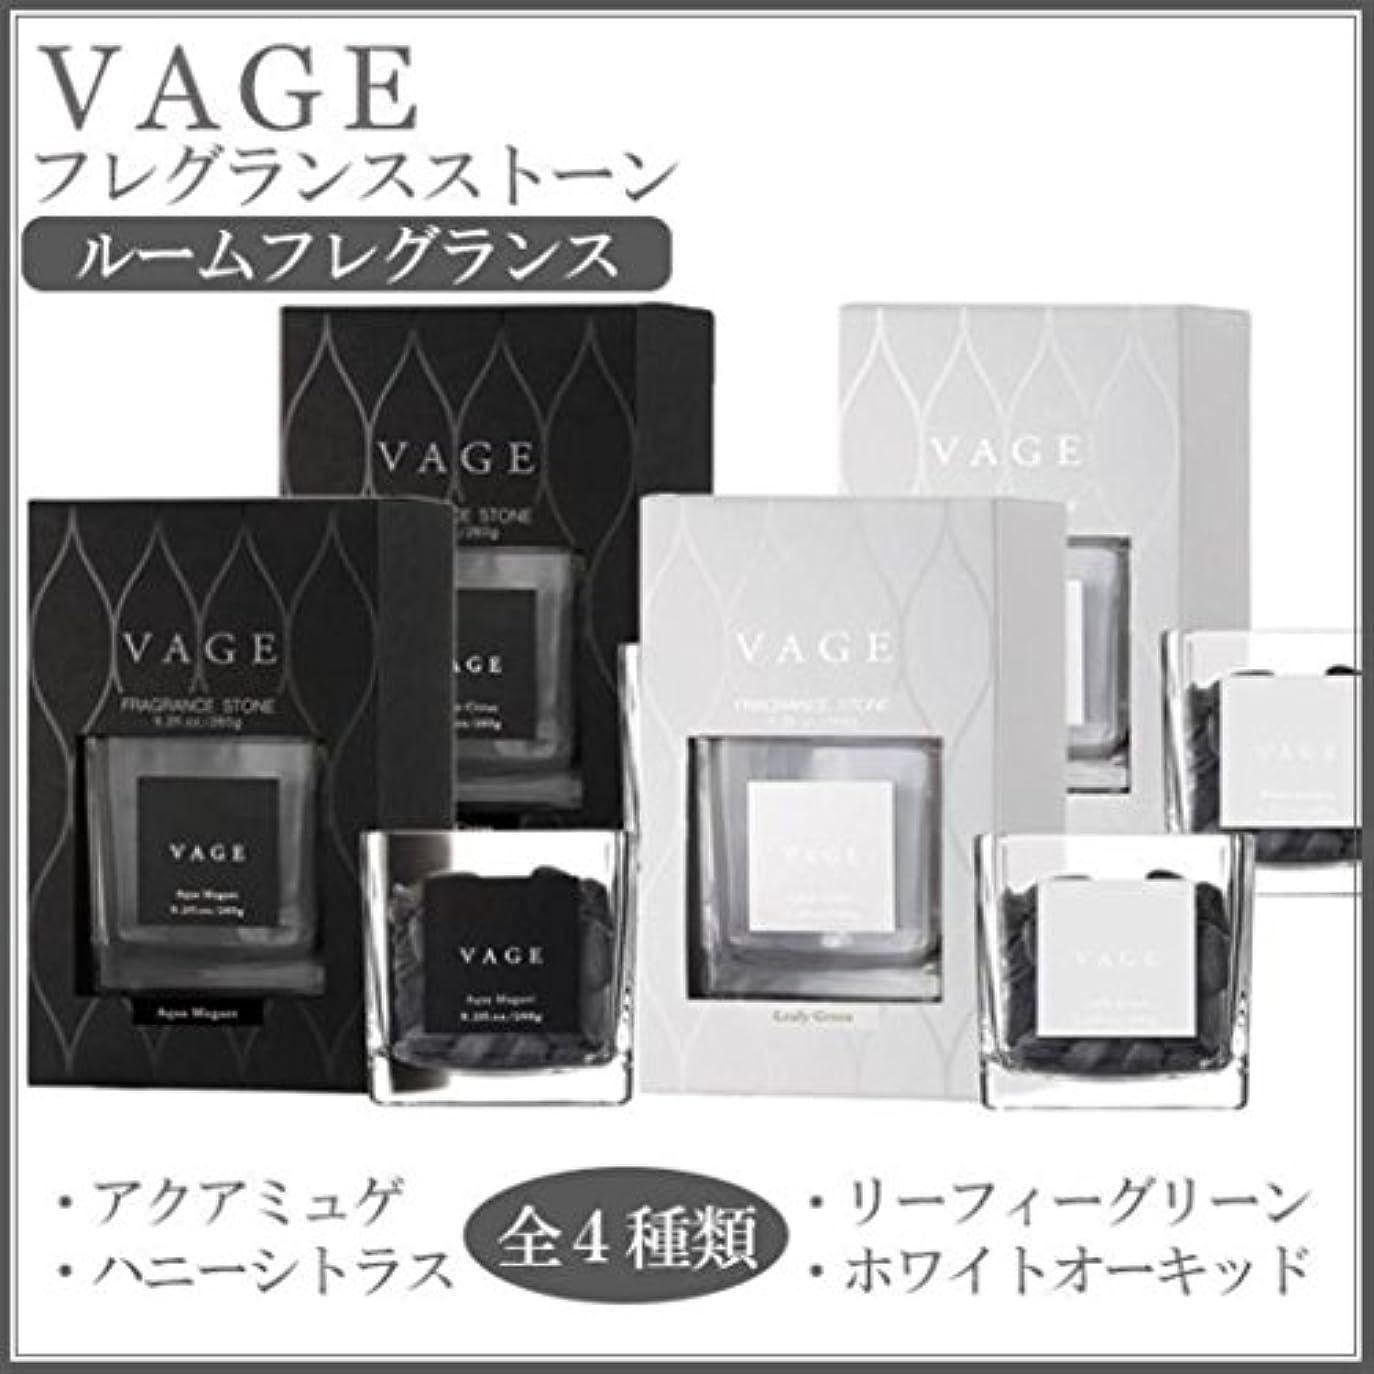 VAGE(バーグ) フレグランスストーン ルームフレグランス 260g ホワイトオーキッド?6190